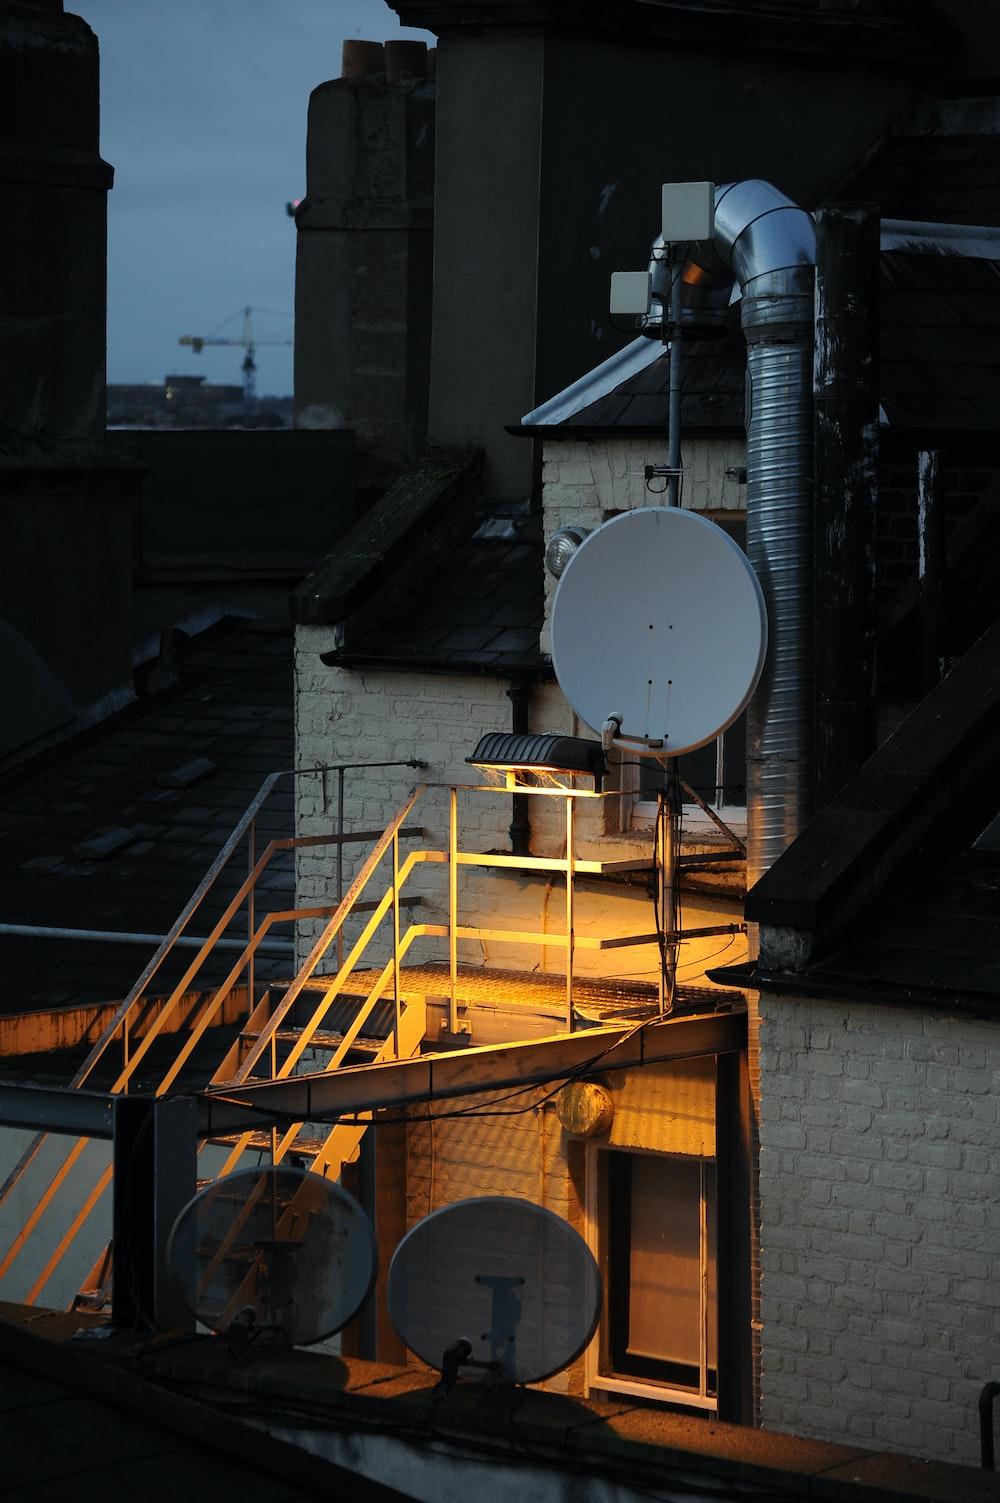 white satellite dish on brown wooden ladder